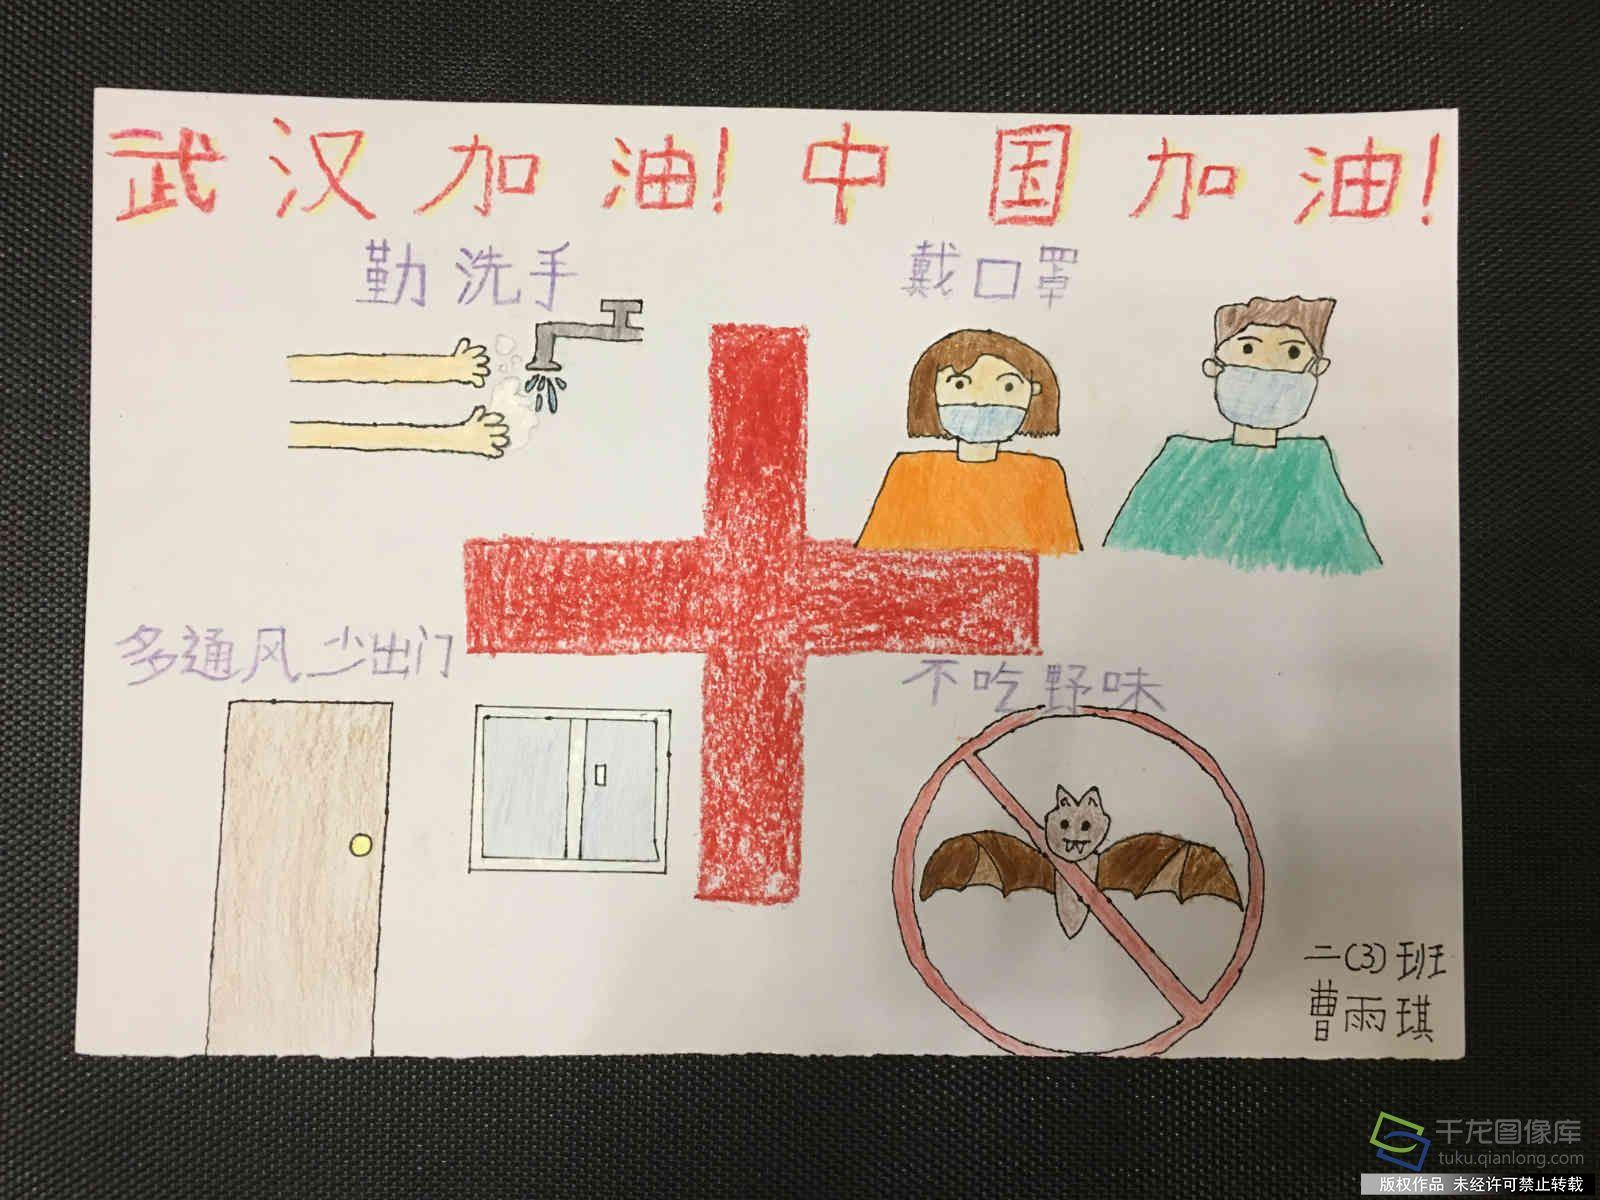 中国电信合约机防疫抗疫 从我做起|北京石油附小